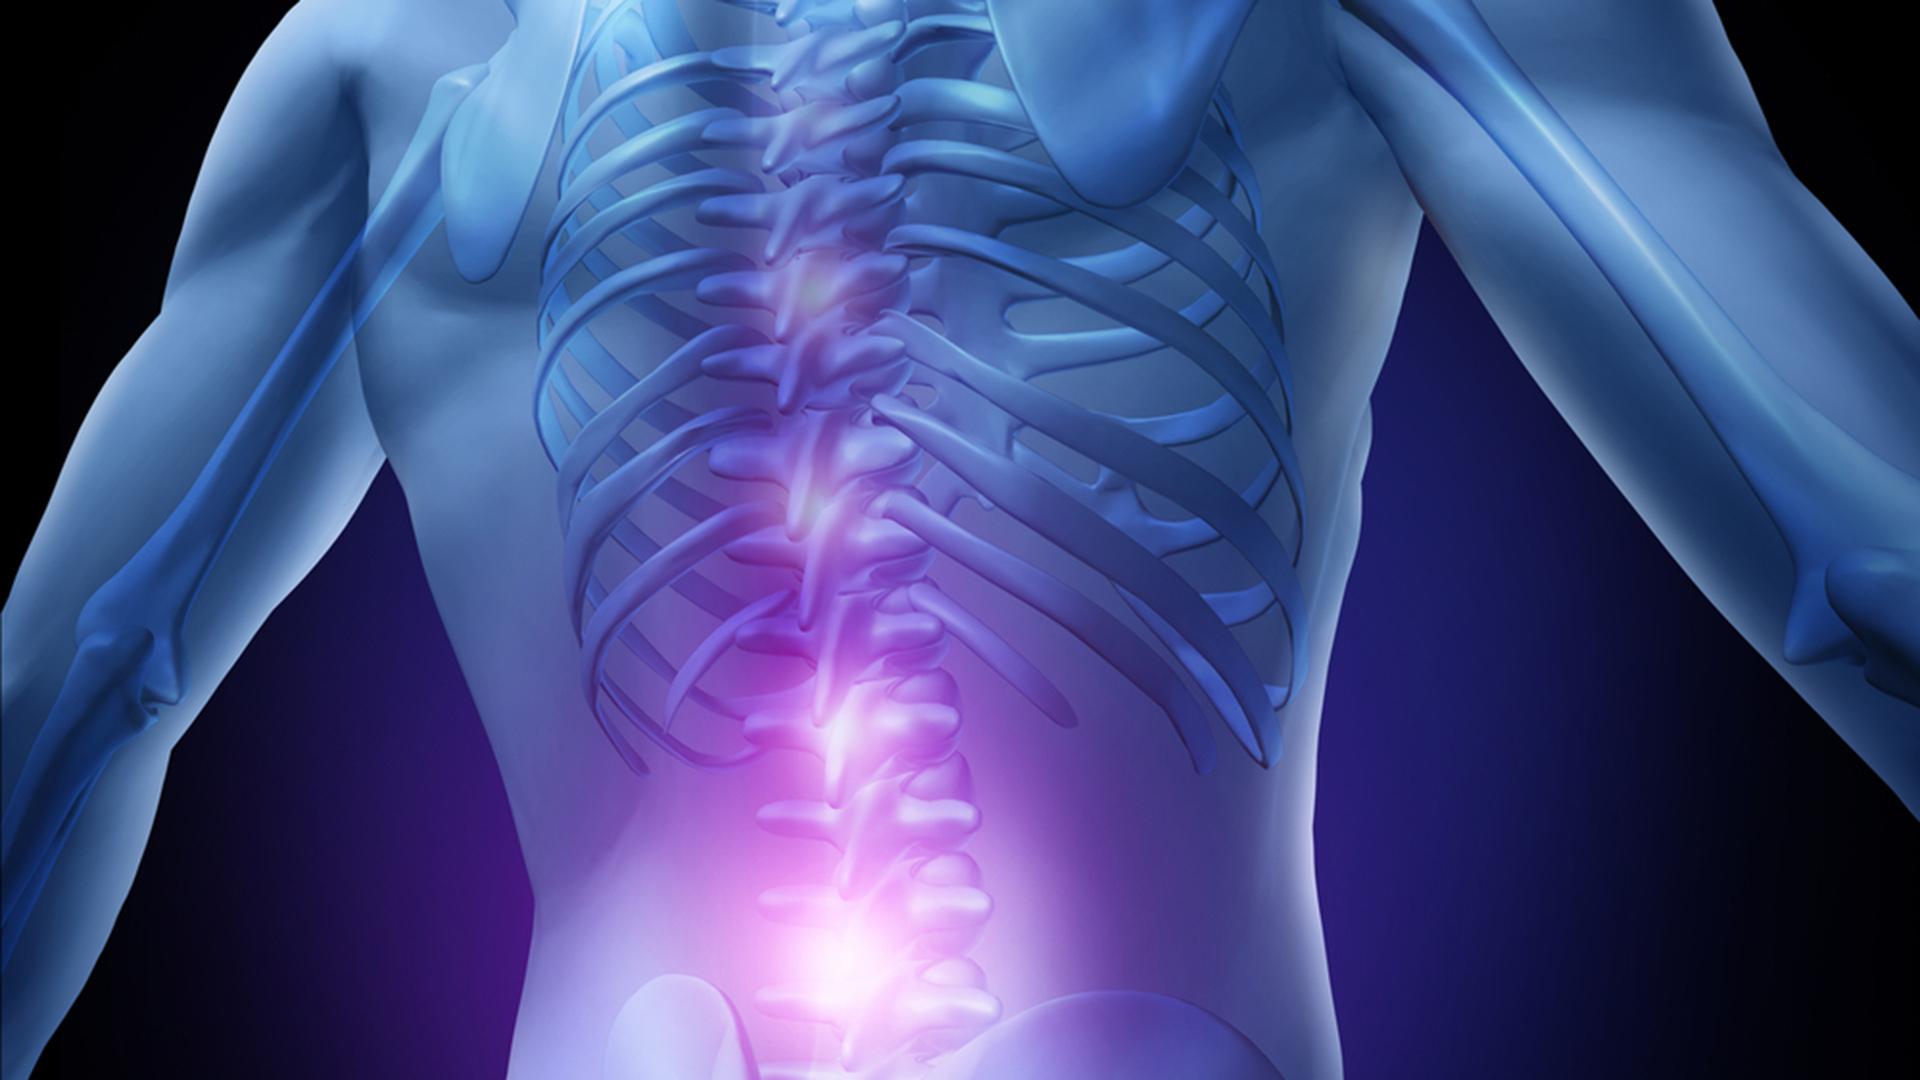 mișcări articulare cu artroză când lucrați la un computer, articulația umărului doare